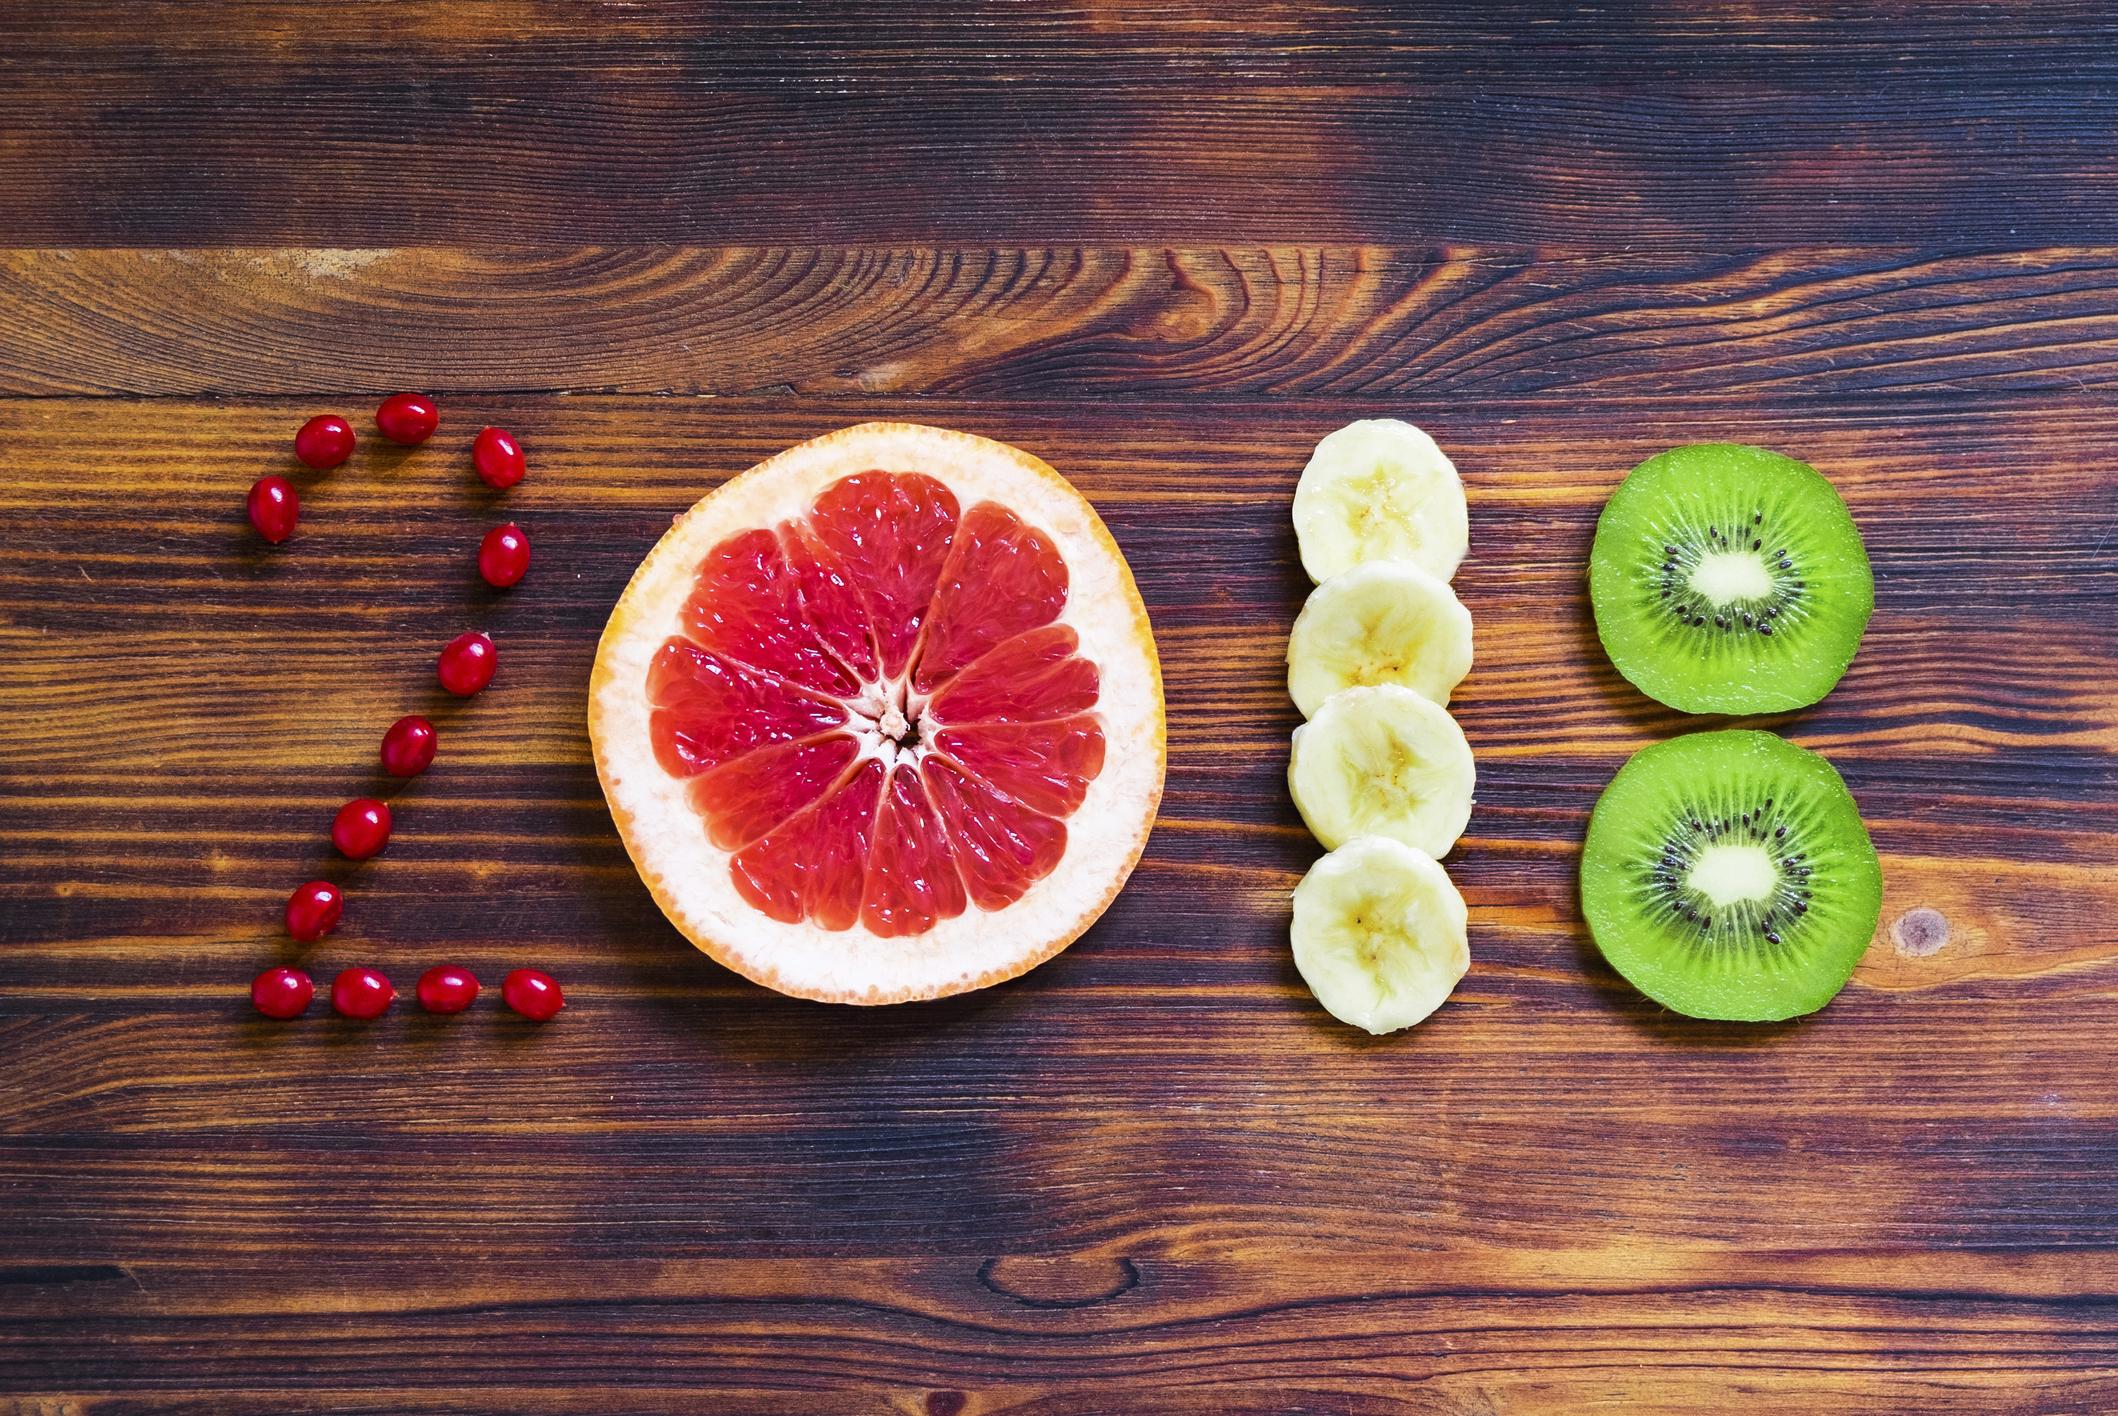 Healthy eating in 2018